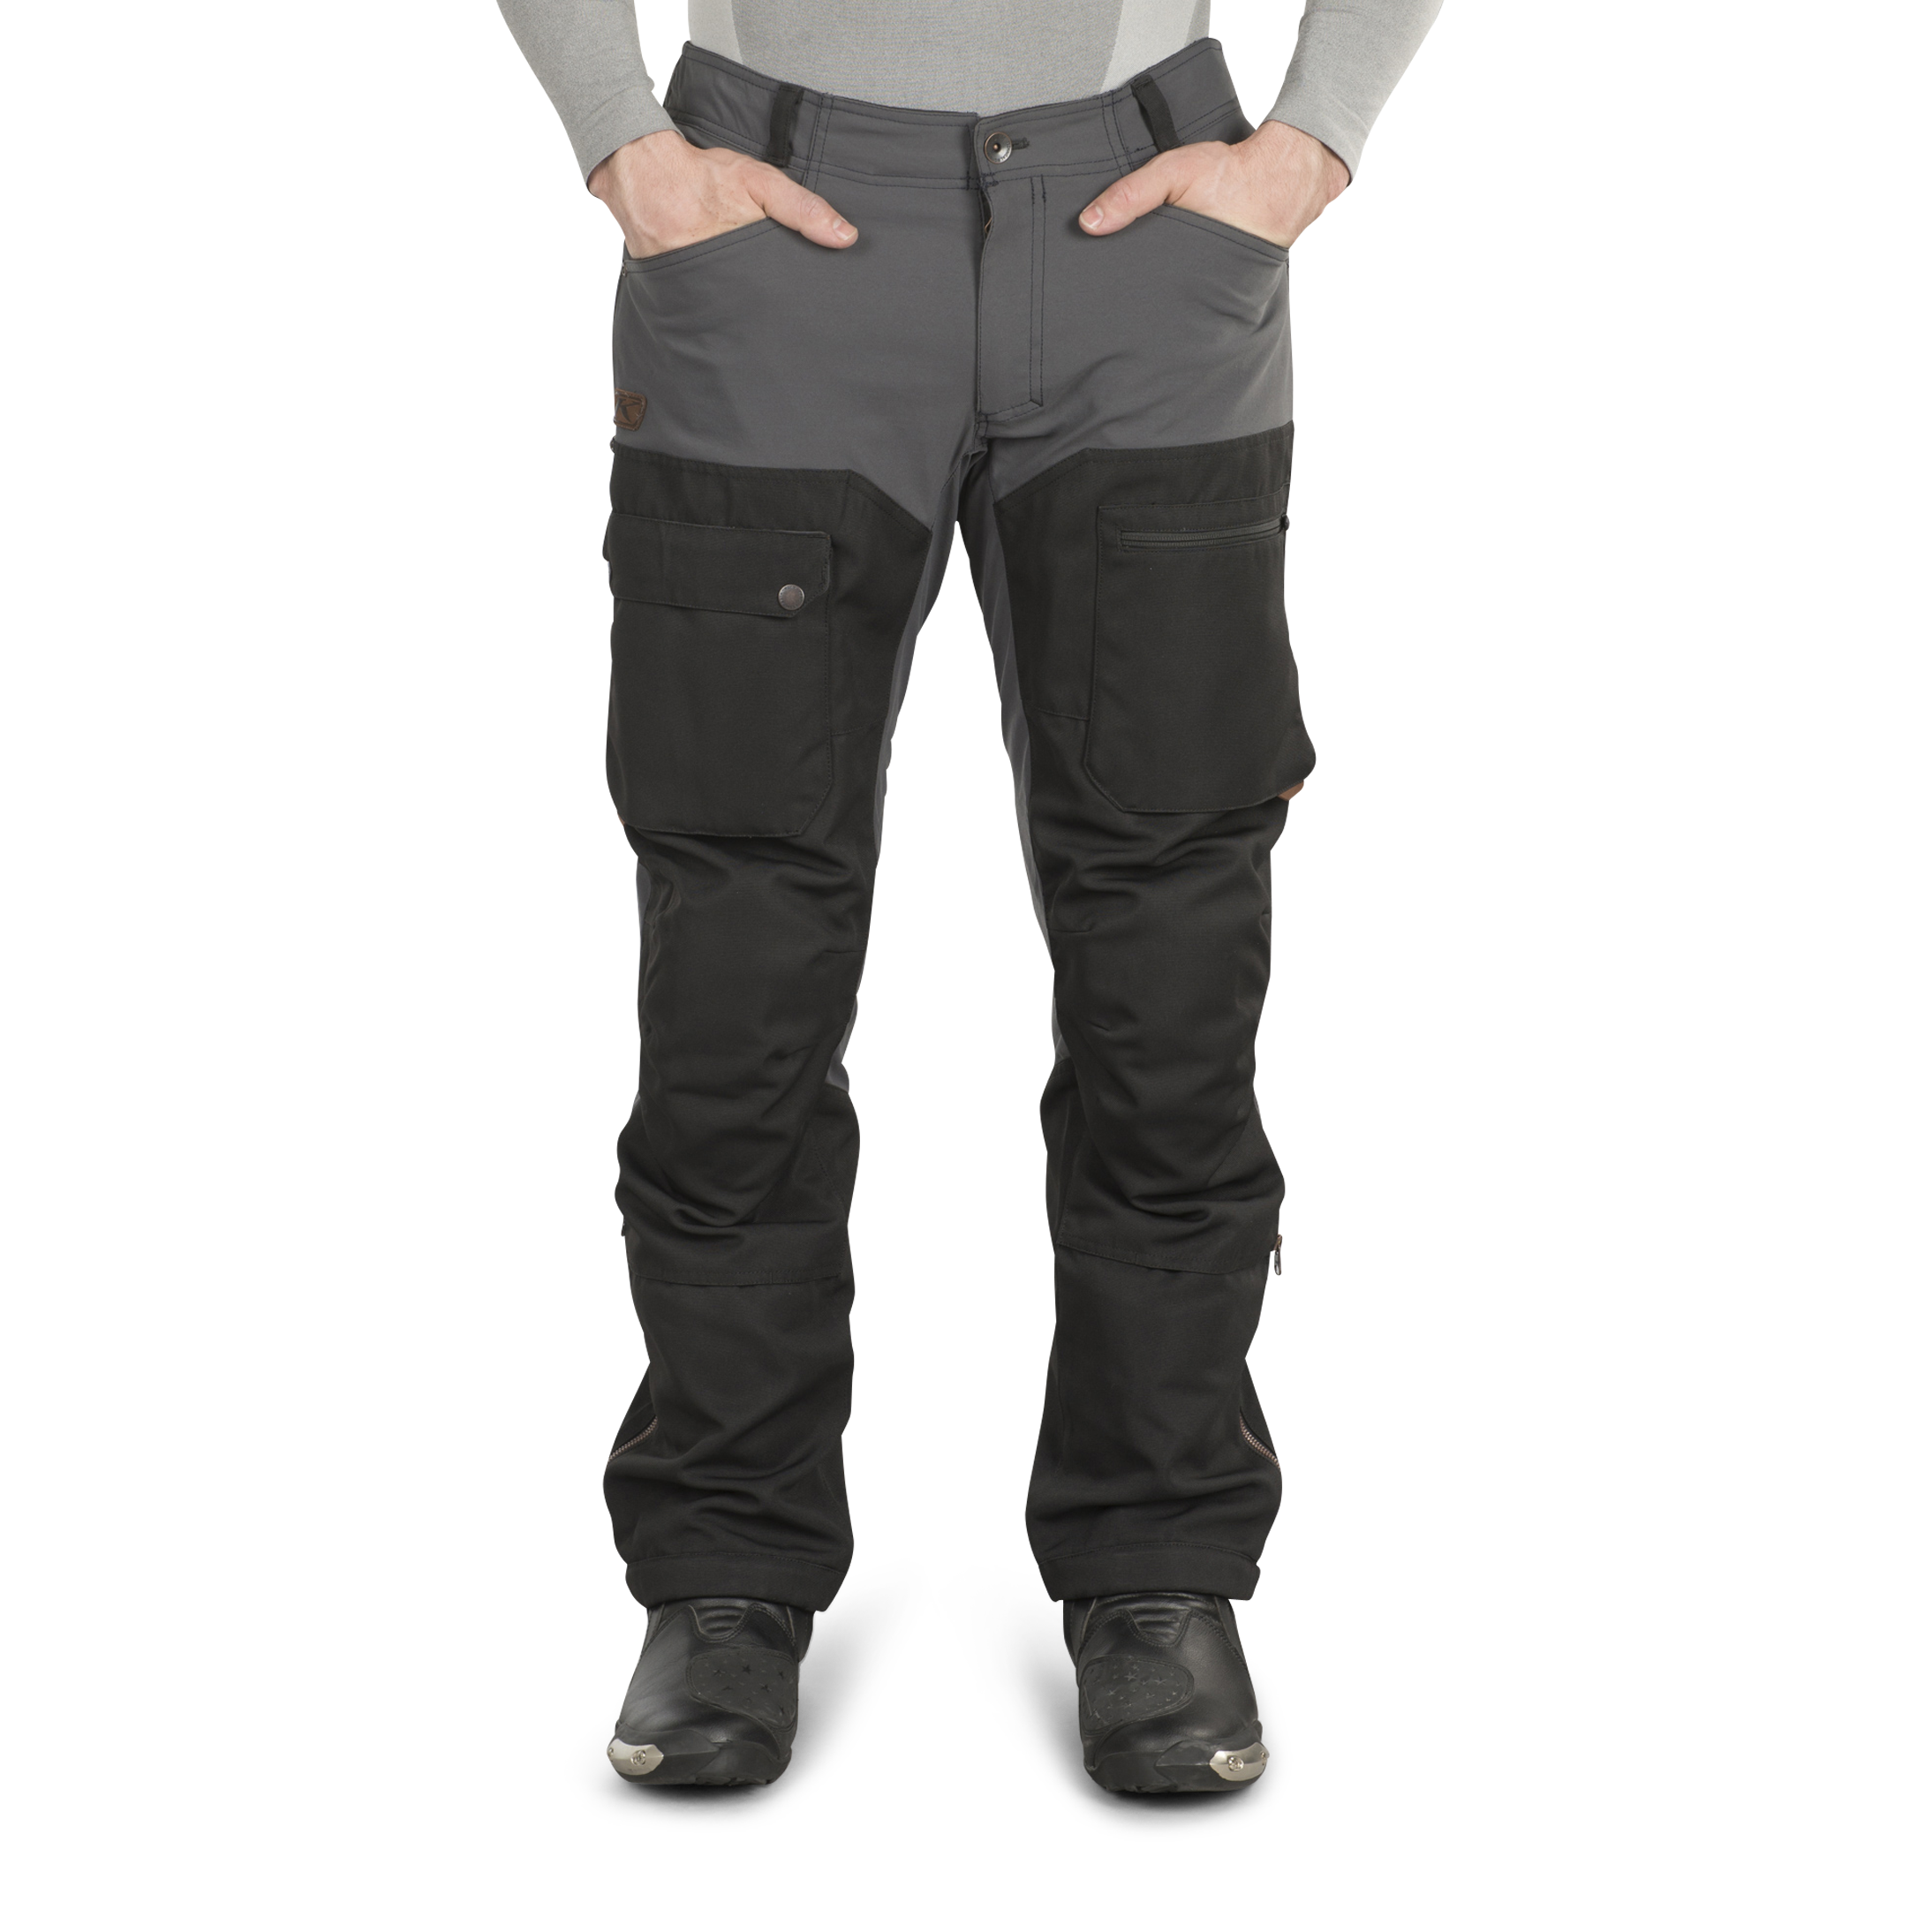 bukser med lommer på lårene